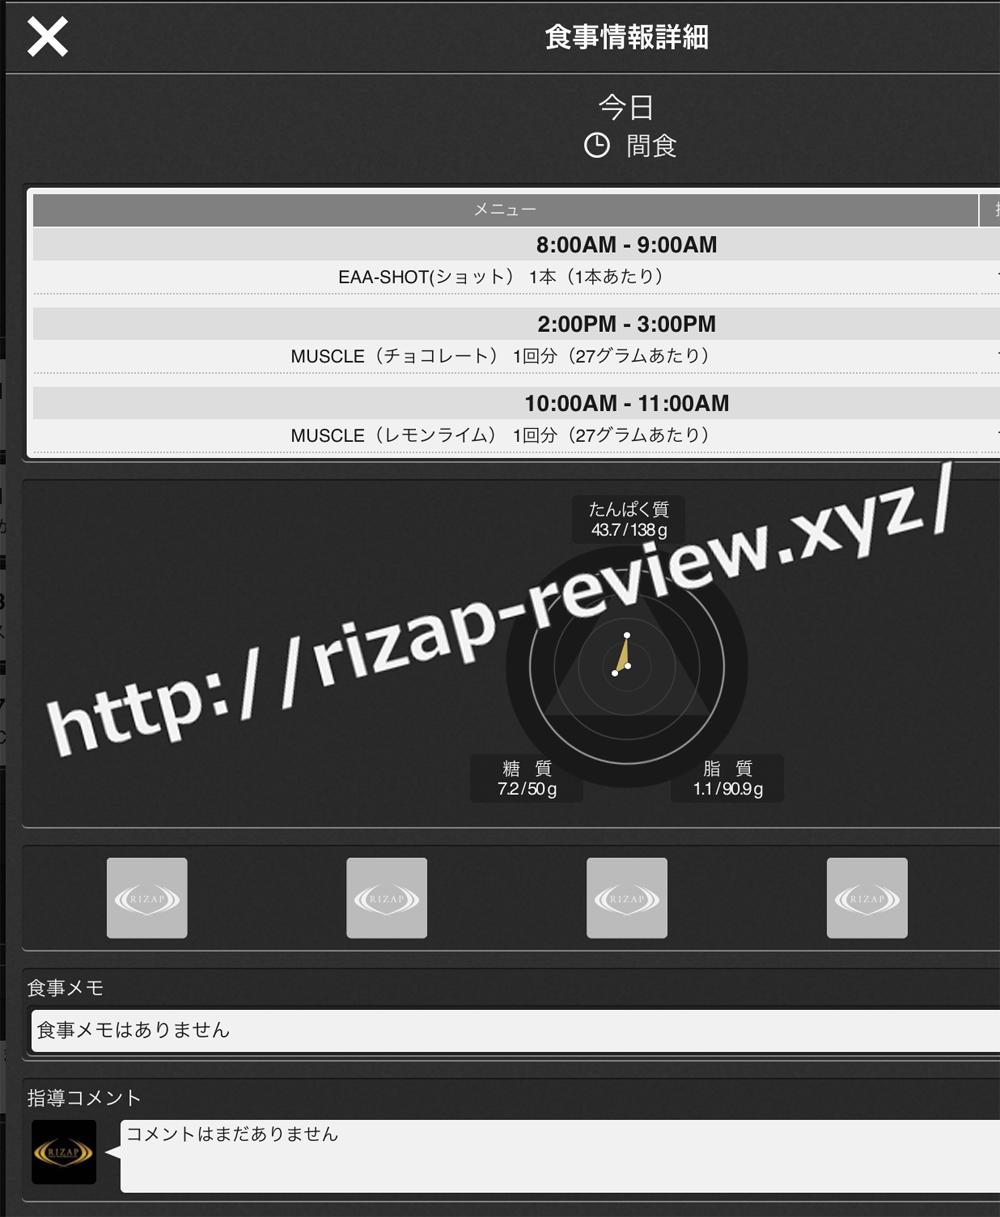 2018.9.10(月)ライザップ流の間食